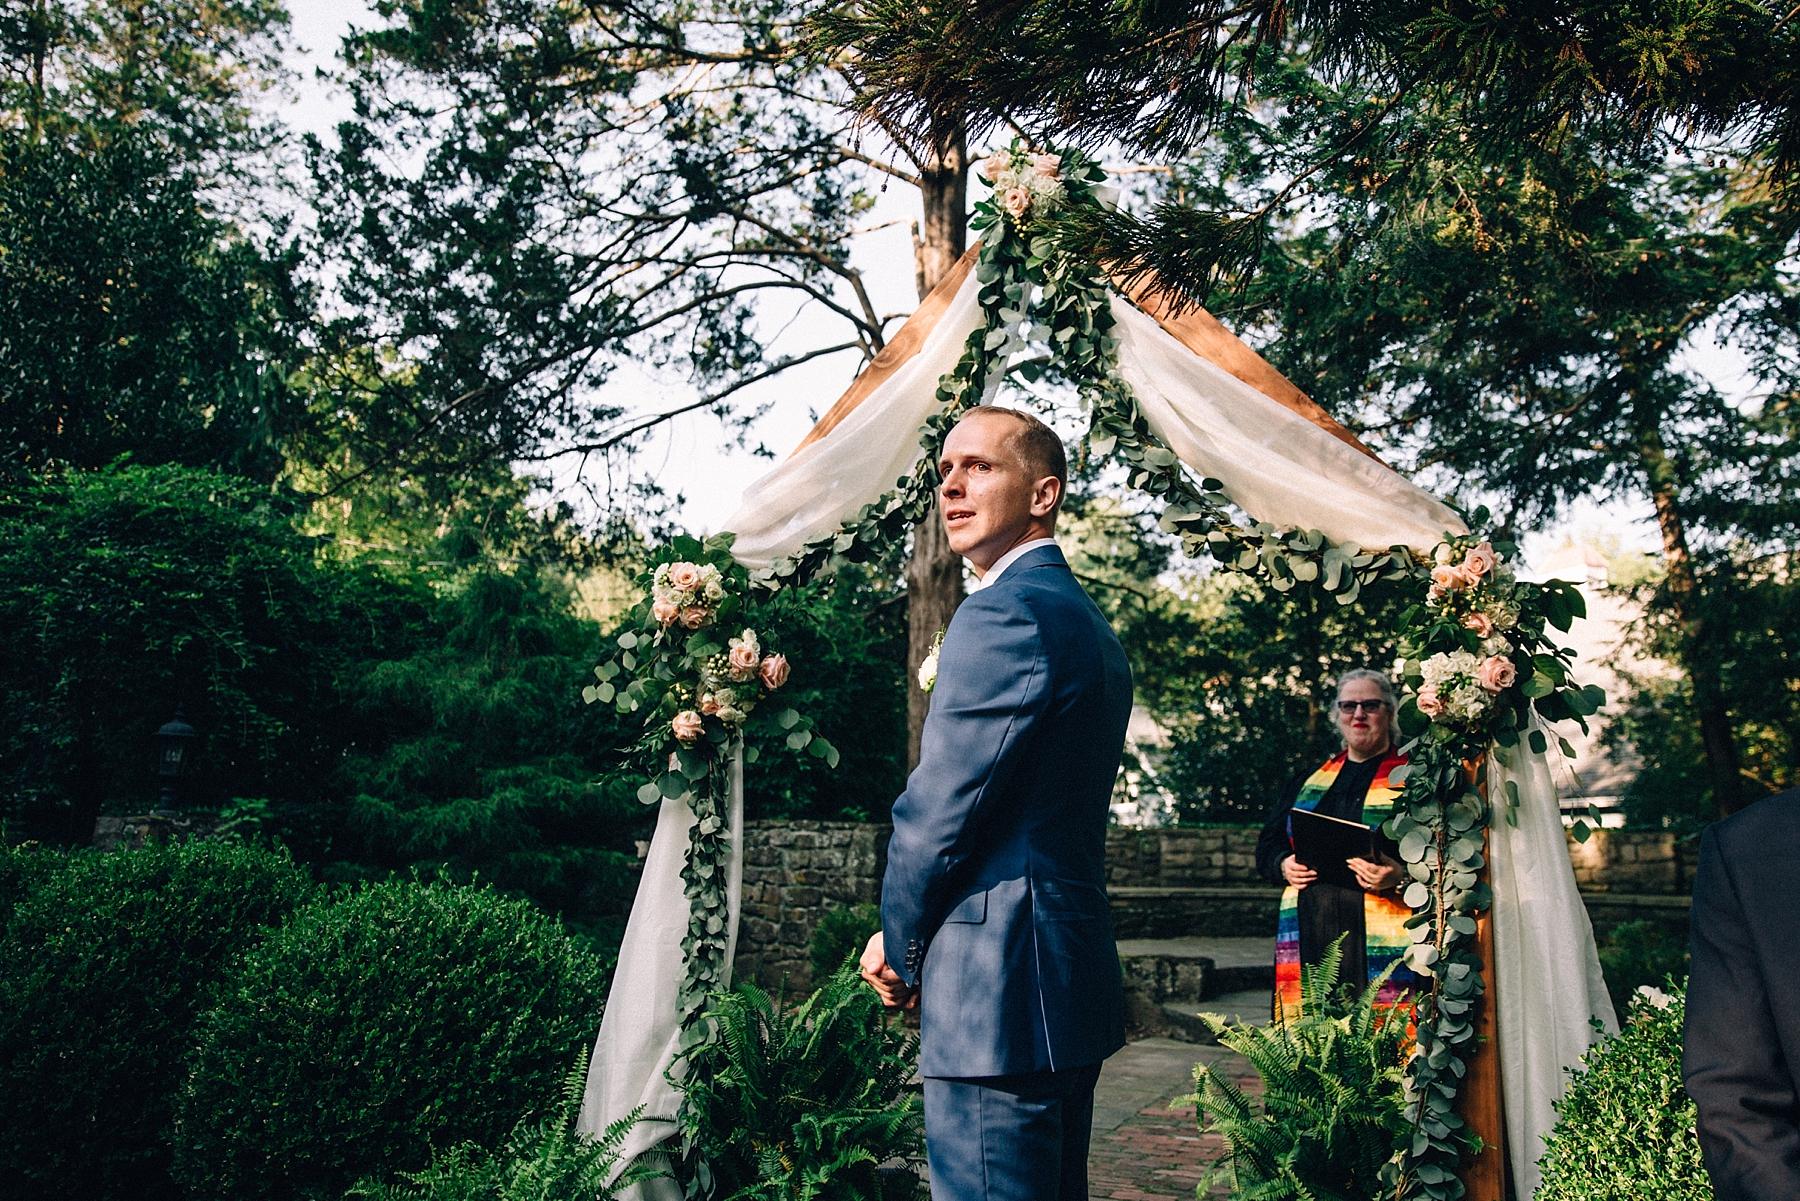 childhood-home-wedding-new-hope-pa-lambertville-nj_0056.jpg